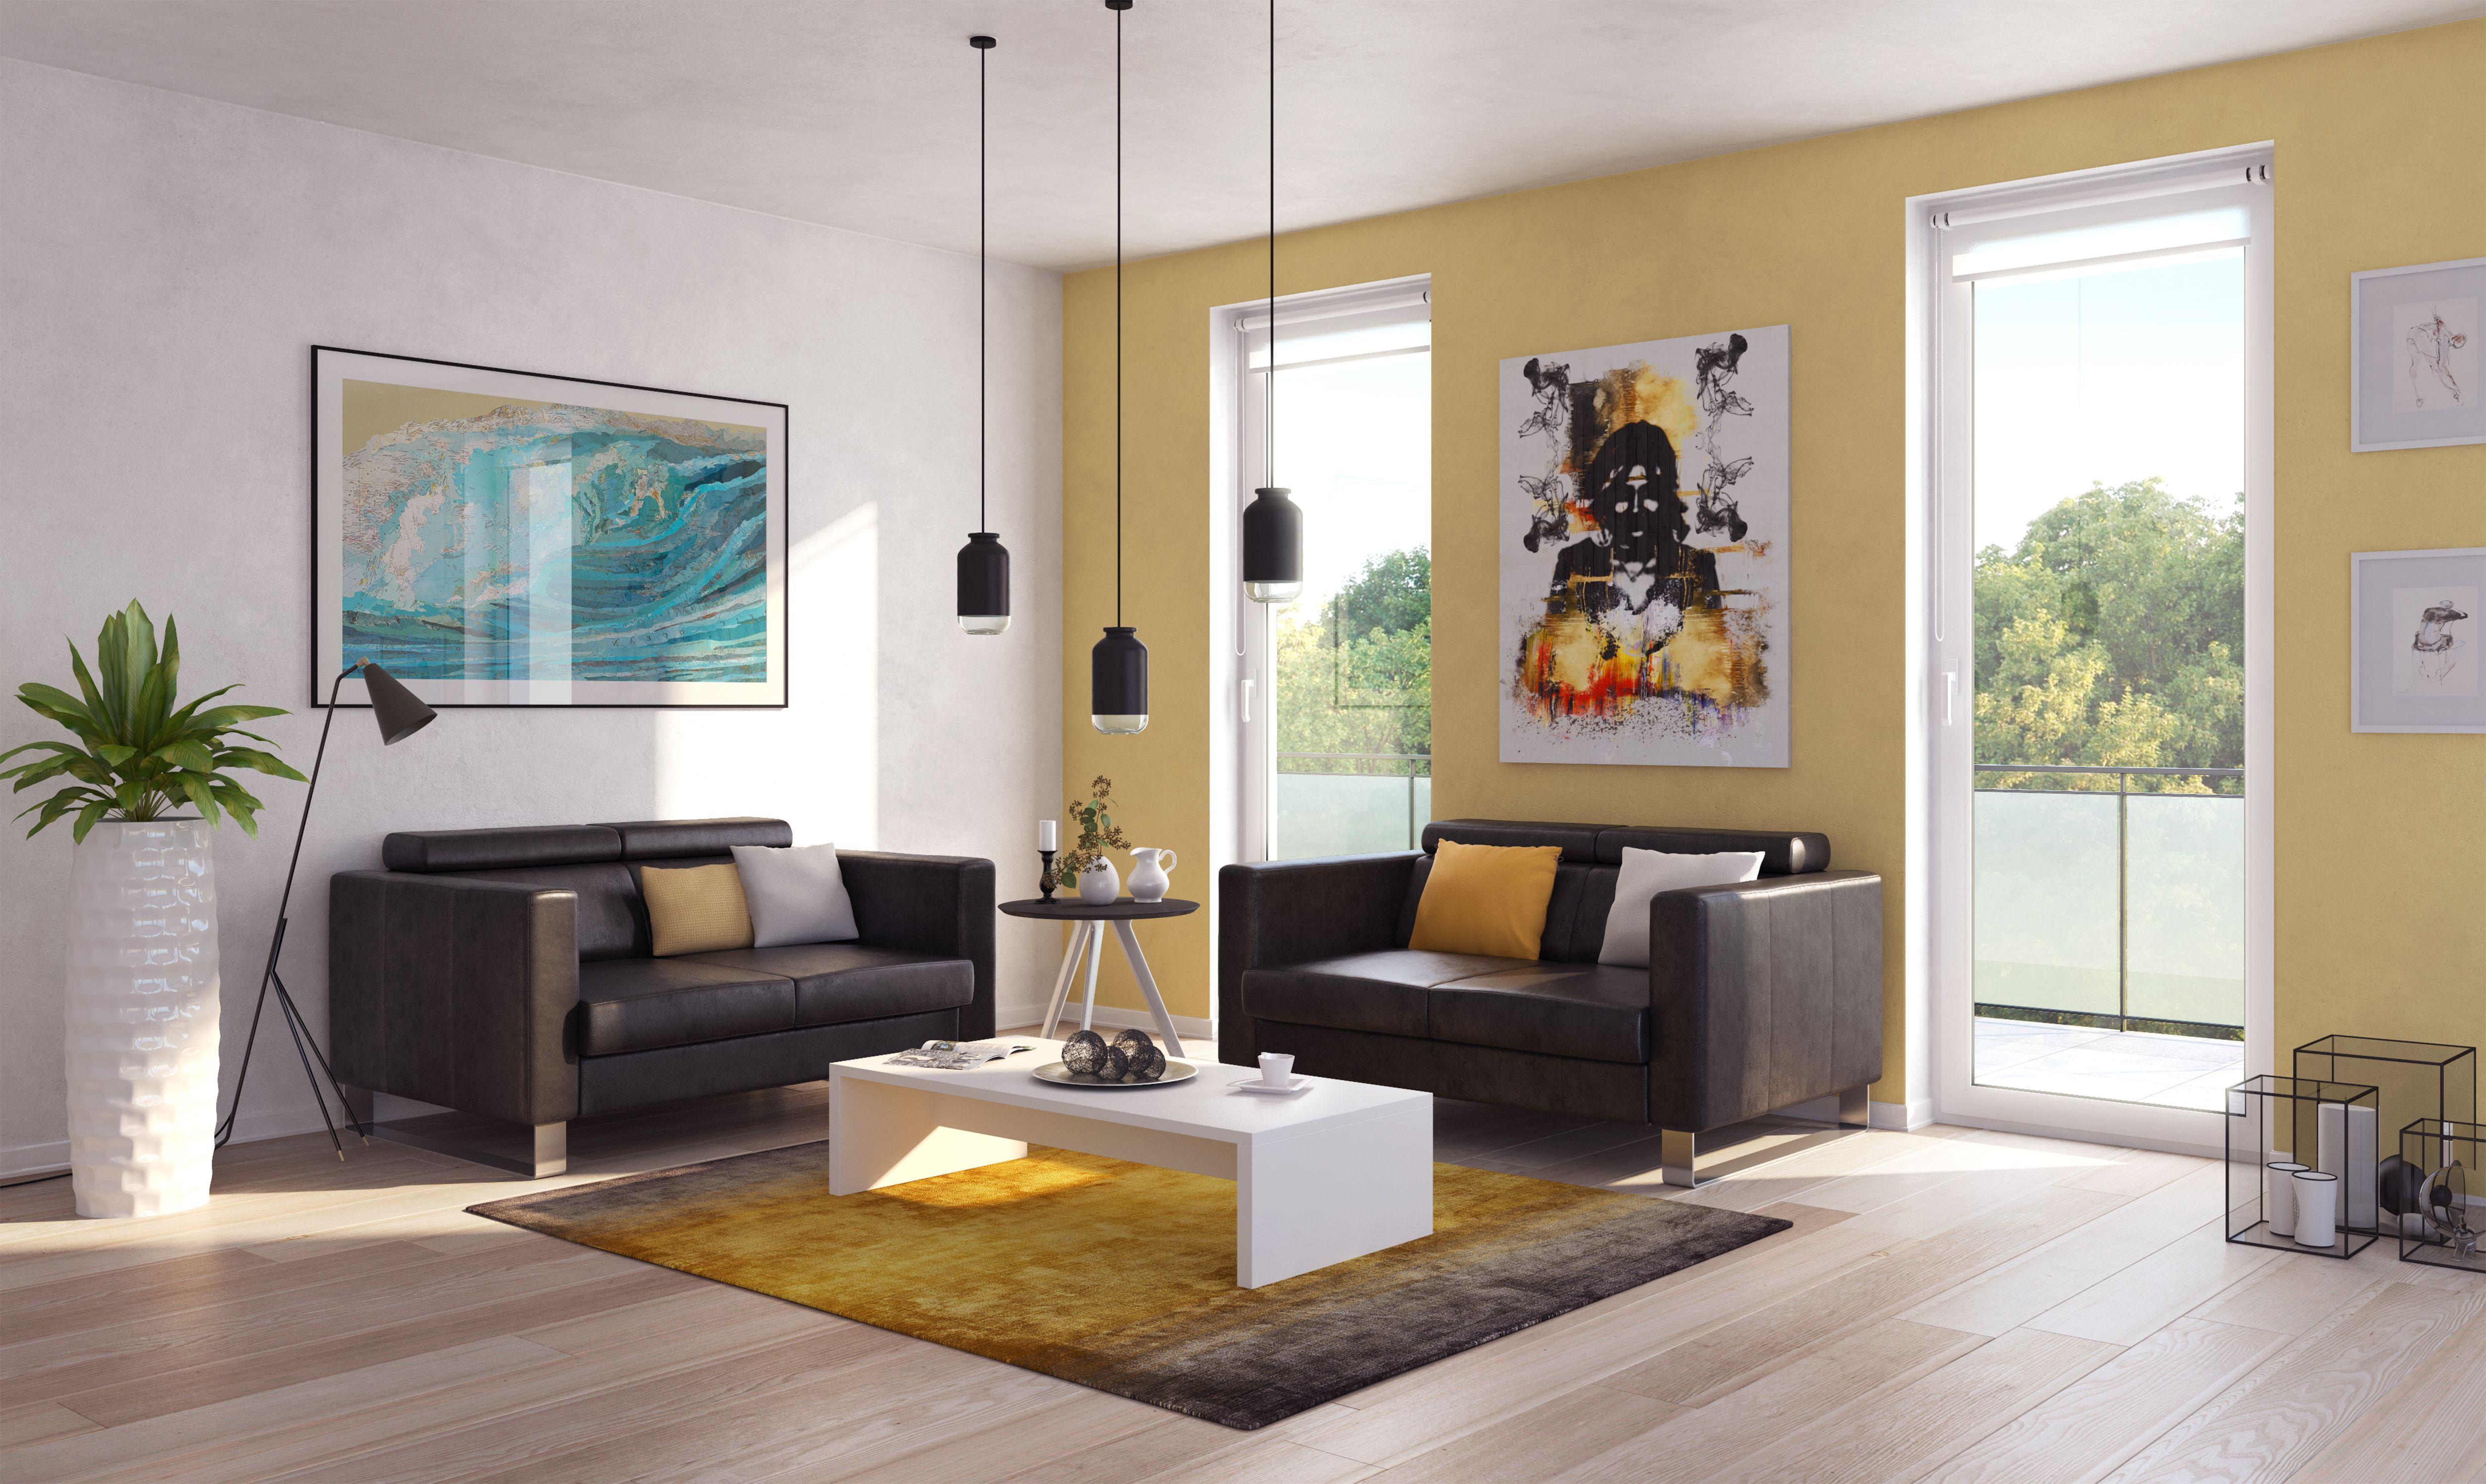 cbb23c4a7307c07cc8685bfd7525e633 Unique De Table De Canapé Des Idées